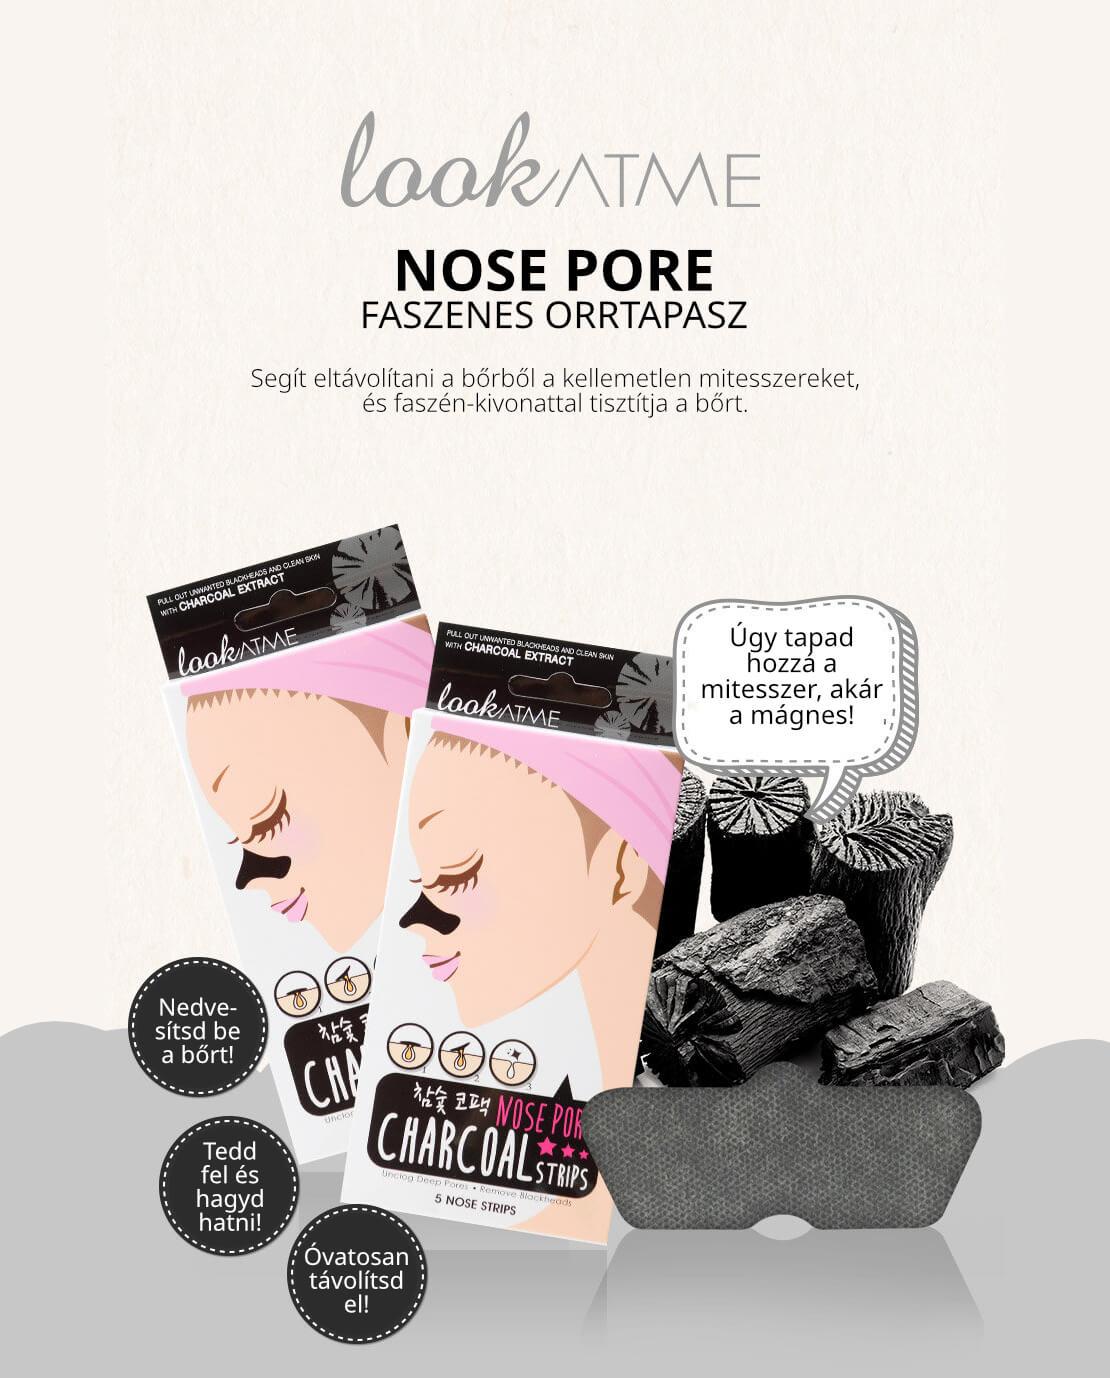 Lookatme-nose-pore-faszens-orrtapasz-leiras